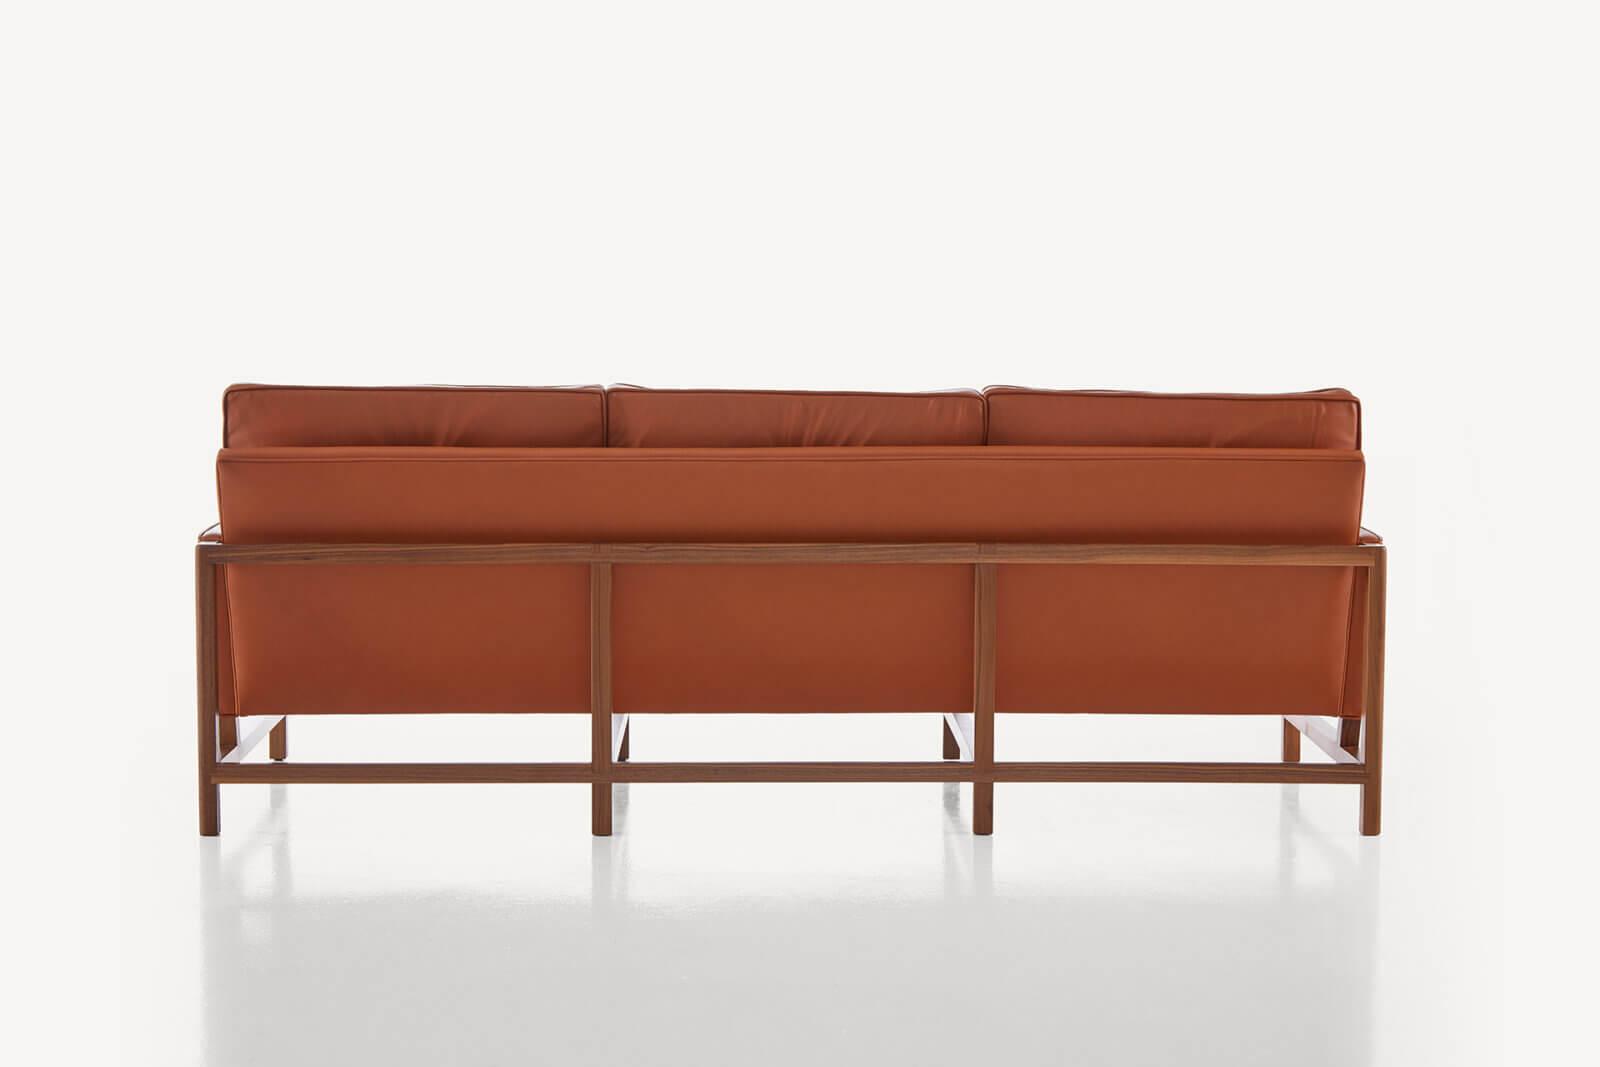 TinnappleMetz-bassamfellows-Wood-Frame-Sofa-06